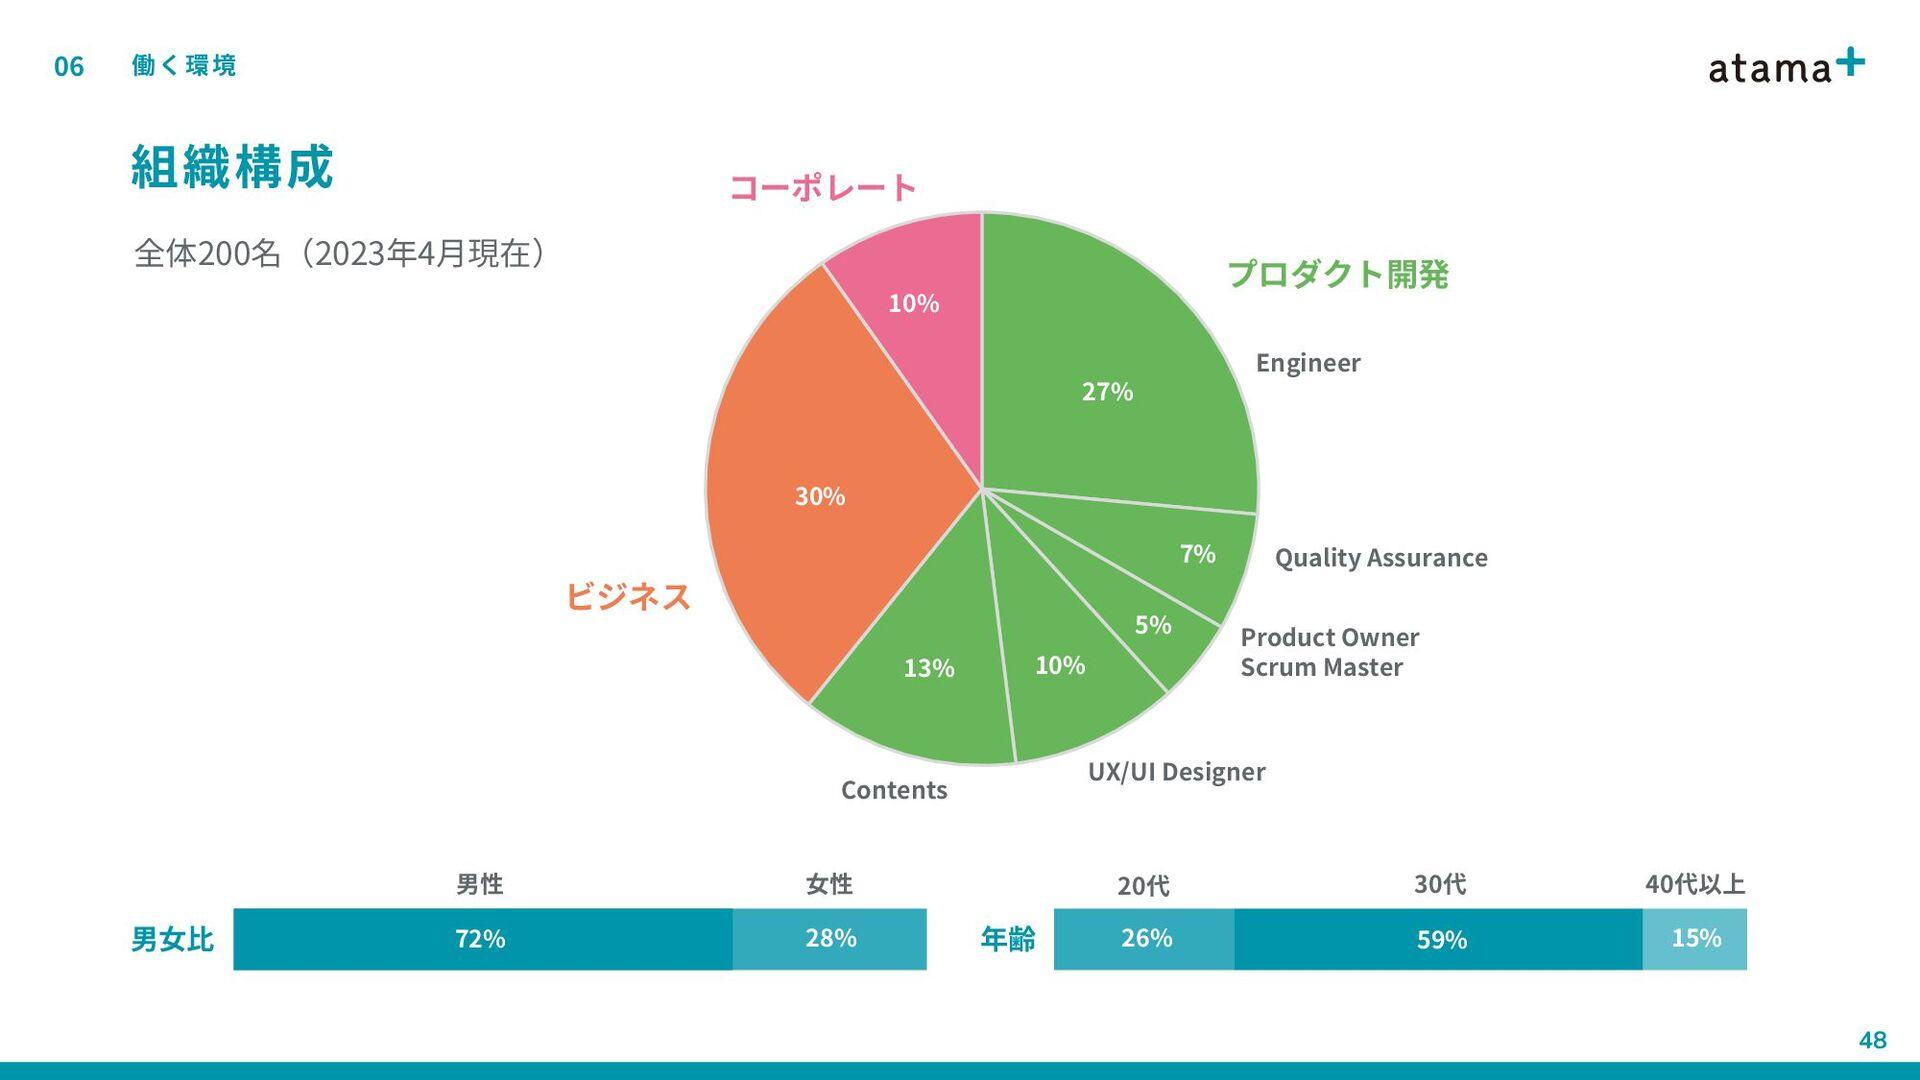 atama+ culture code 03 大切にしていること atama+ culture...